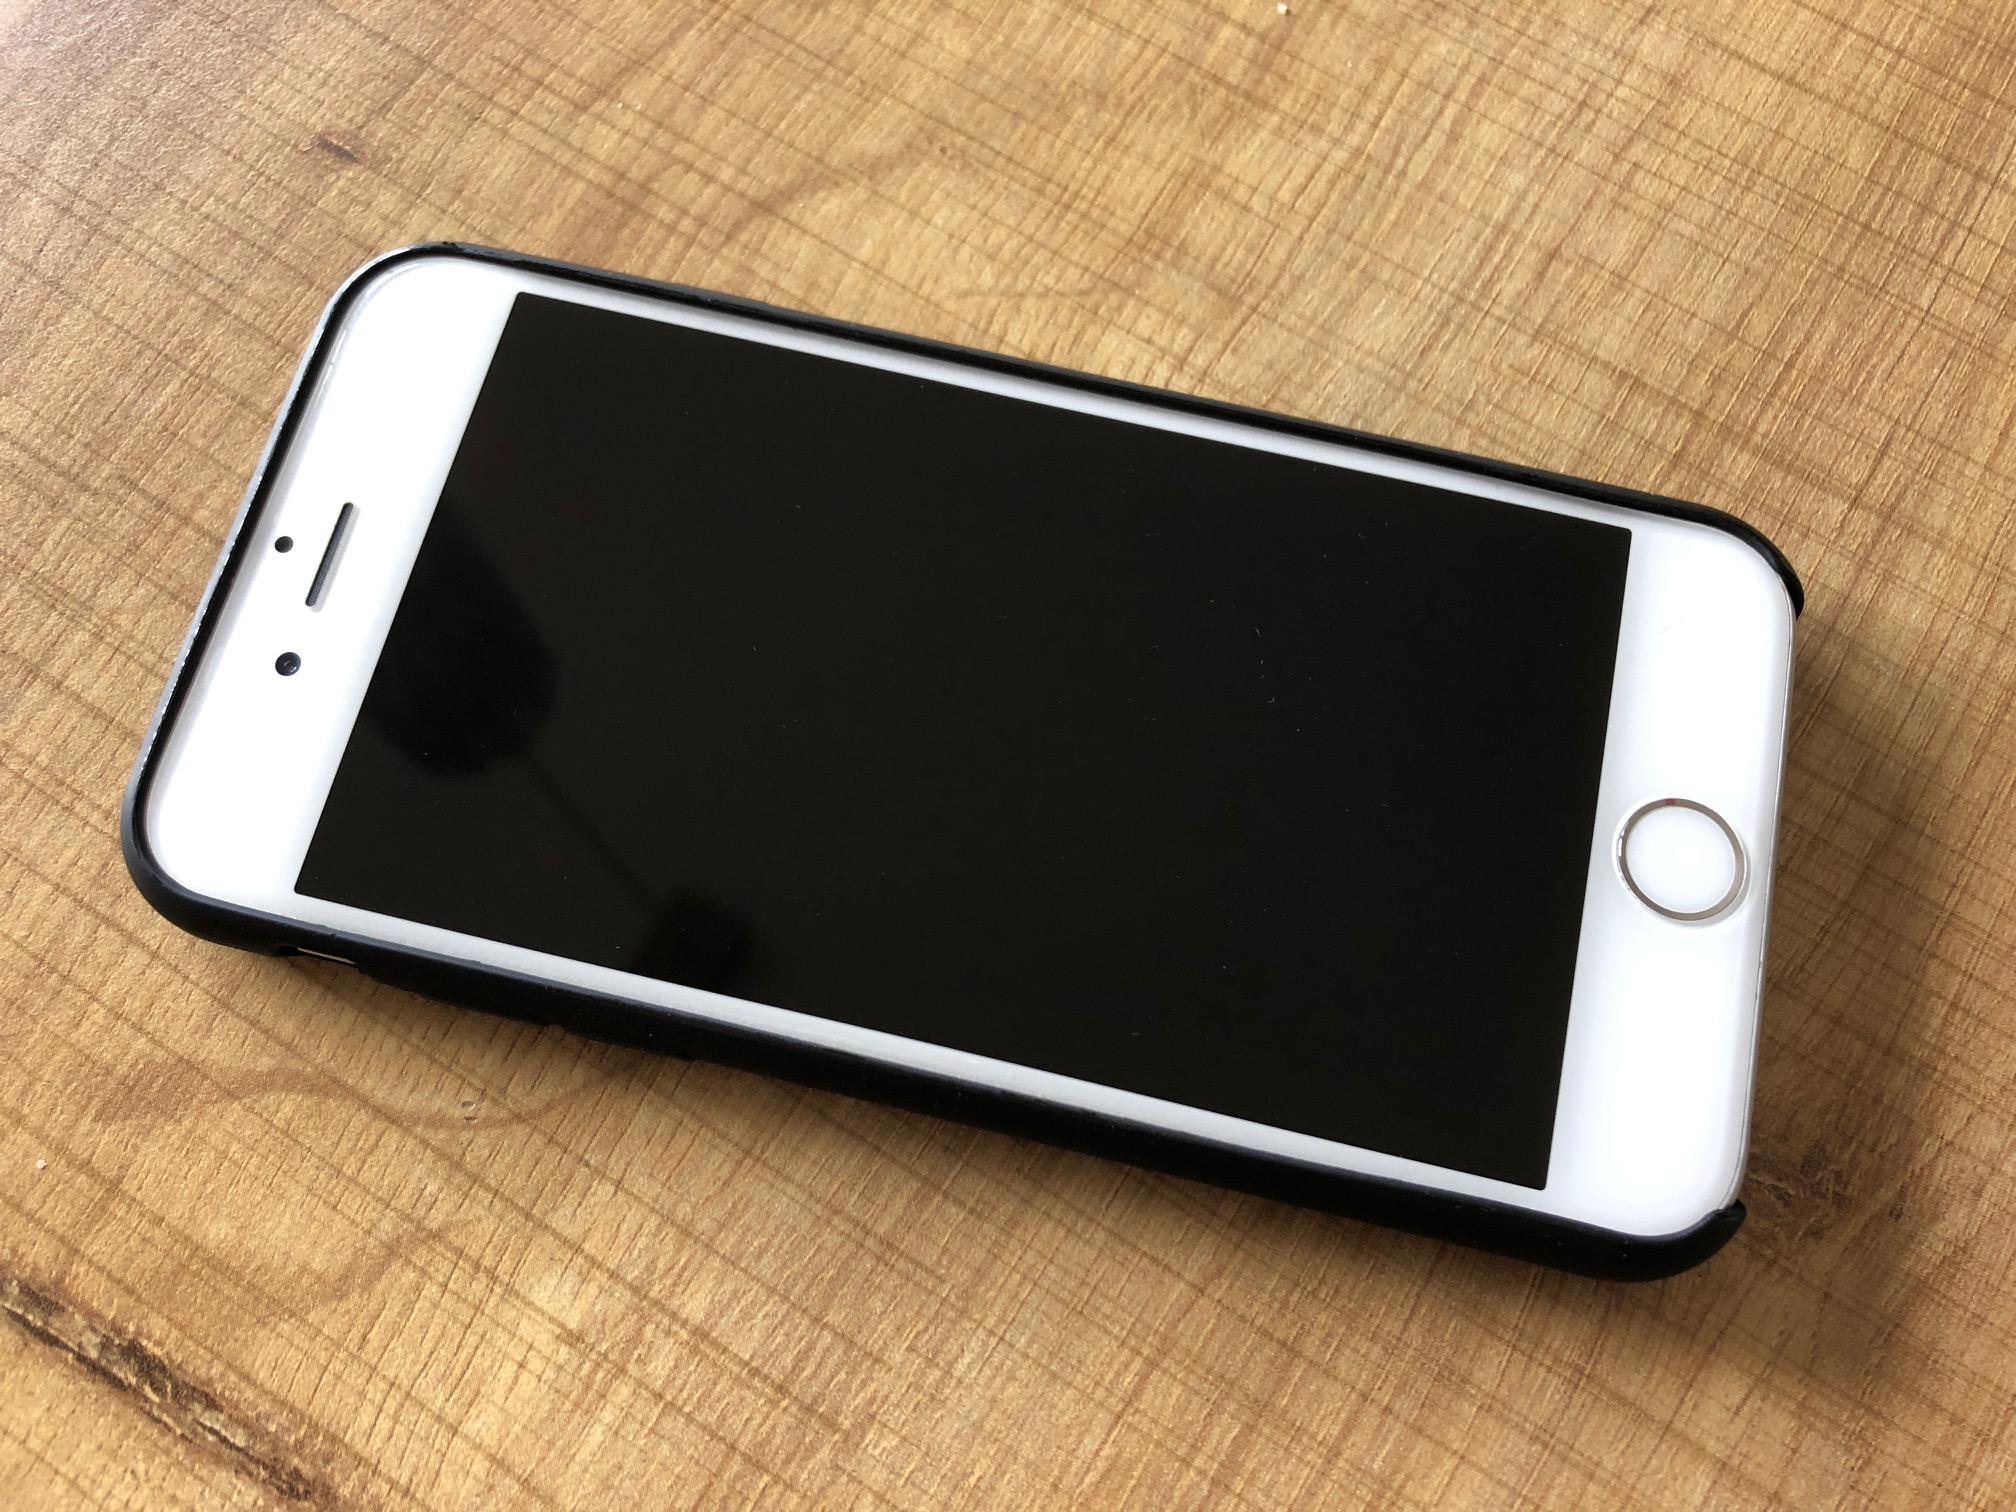 Smartphone, Funktionen von Herzschrittmachern und implantierten Defibrillatoren, Handy